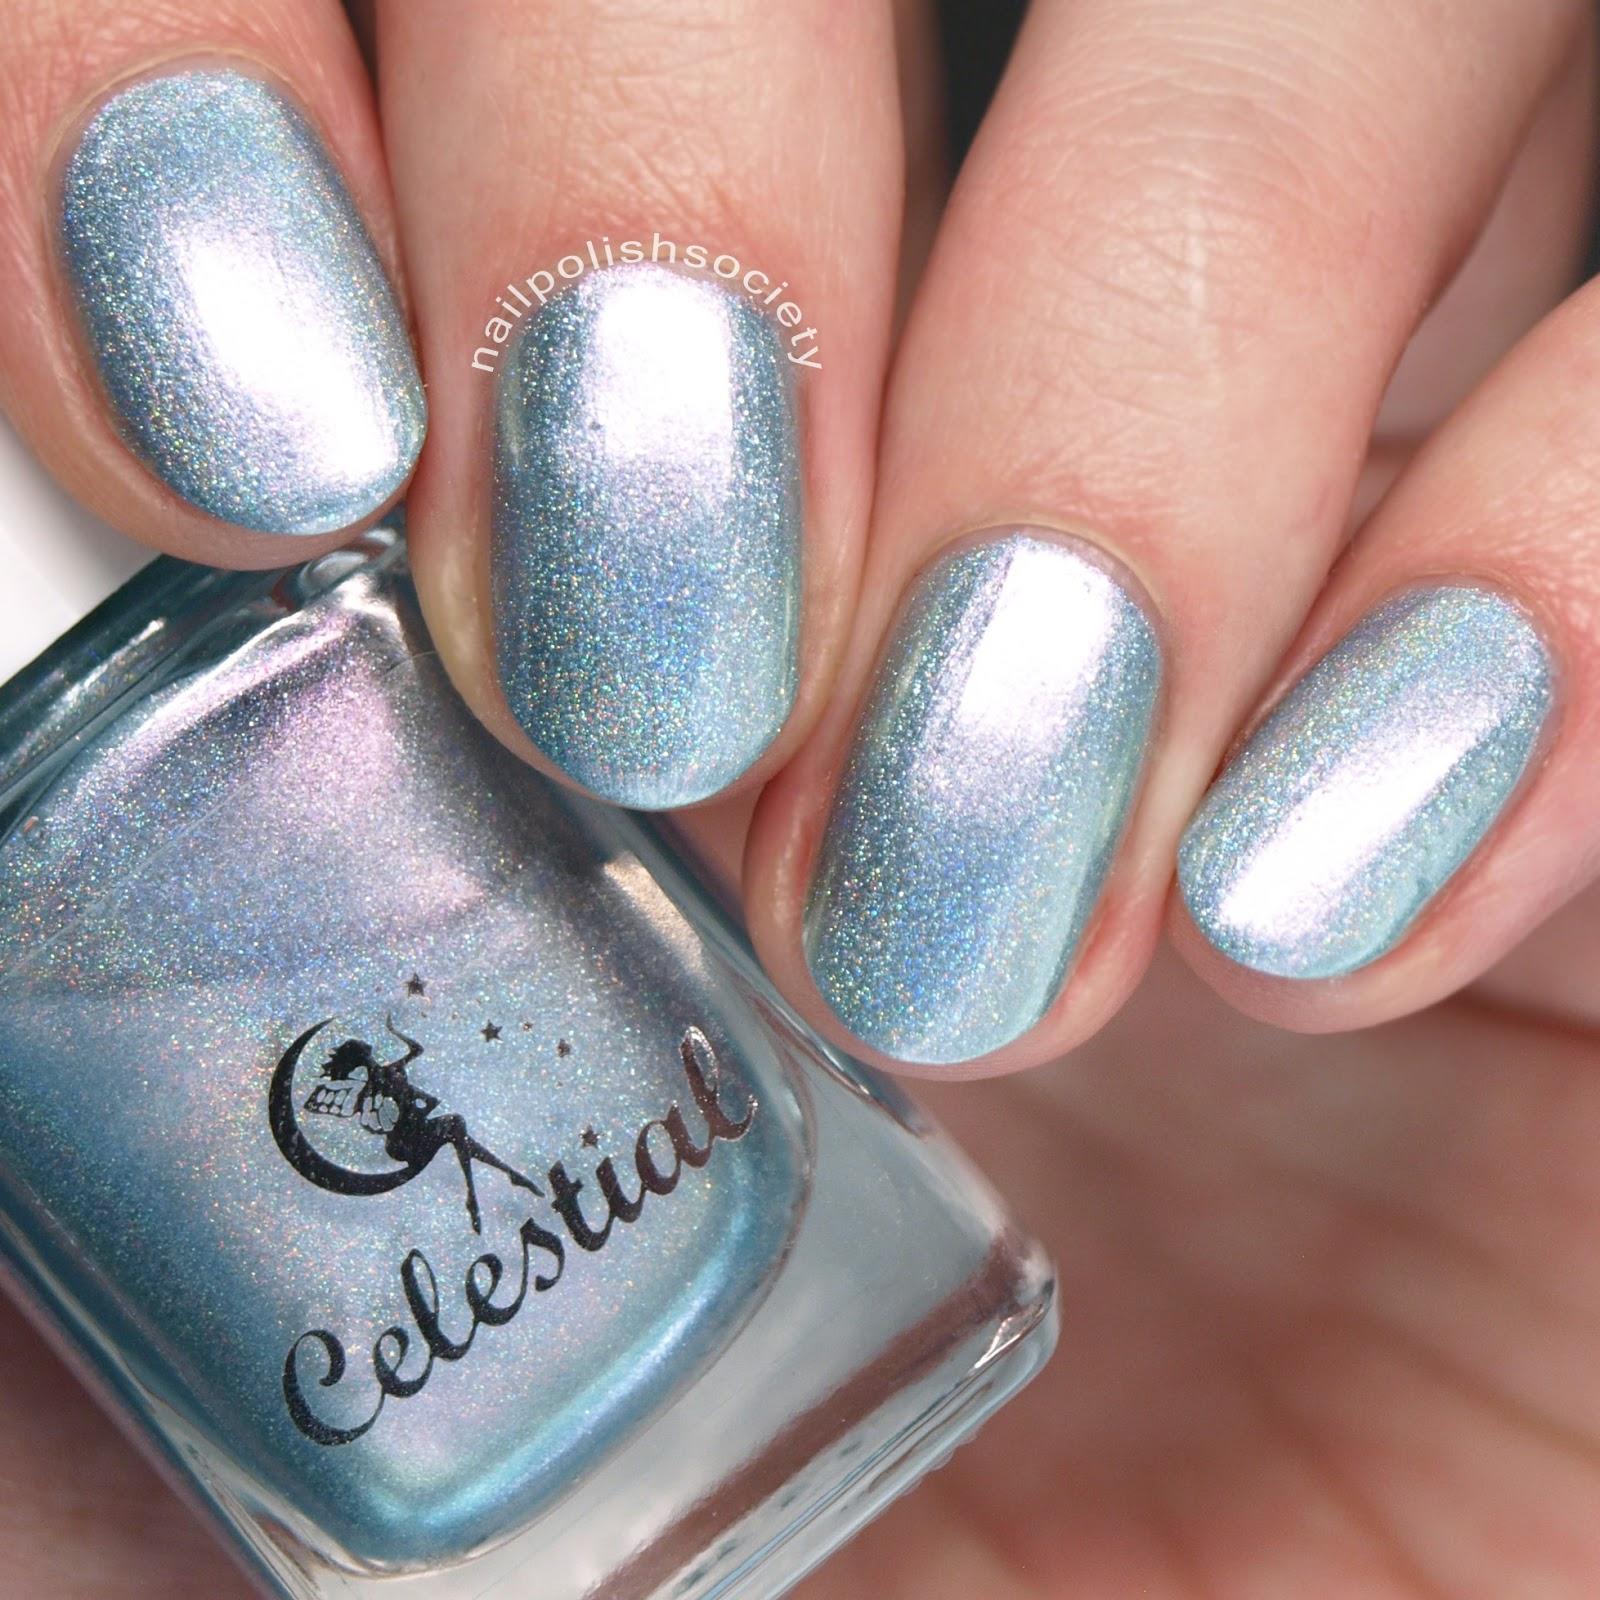 Nail Polish Society: Celestial Cosmetics January 2017 Releases